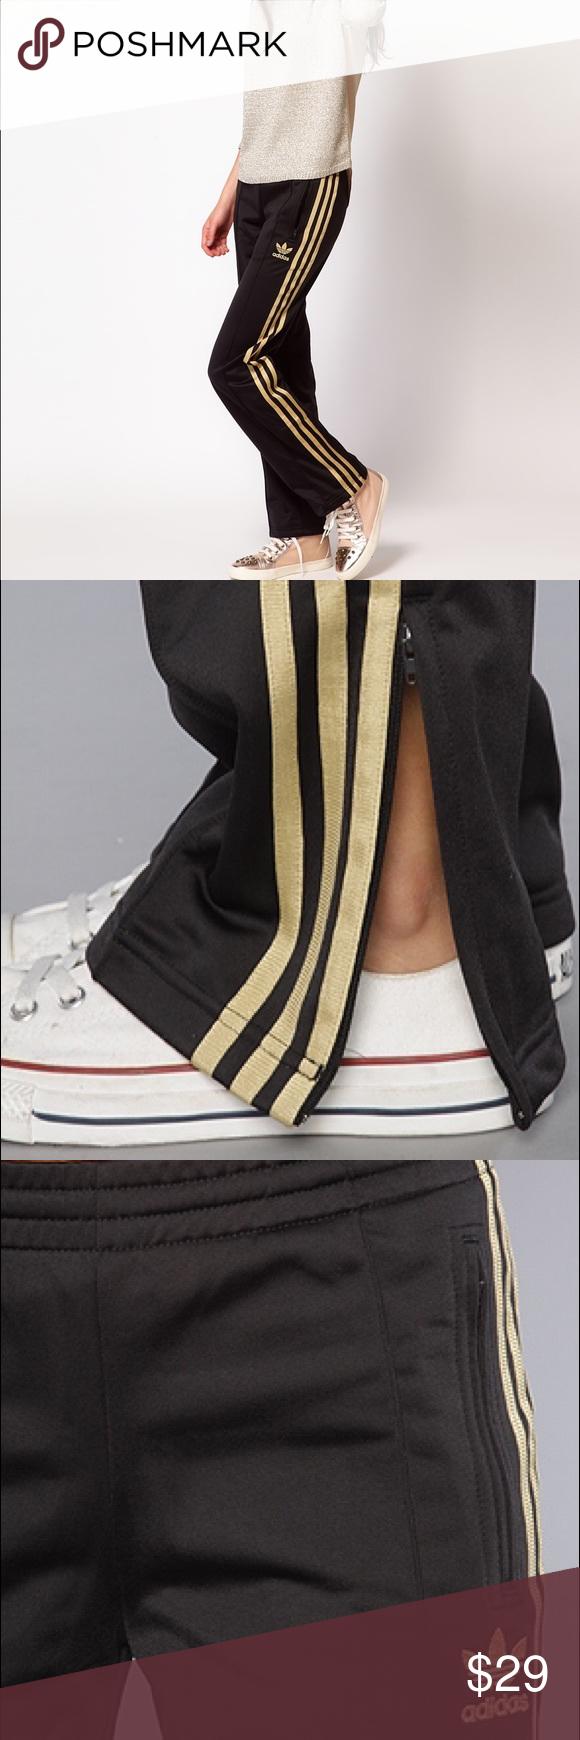 Adidas] firebird i pantaloni della tuta nera e oro, pantaloni della tuta adidas pantaloni